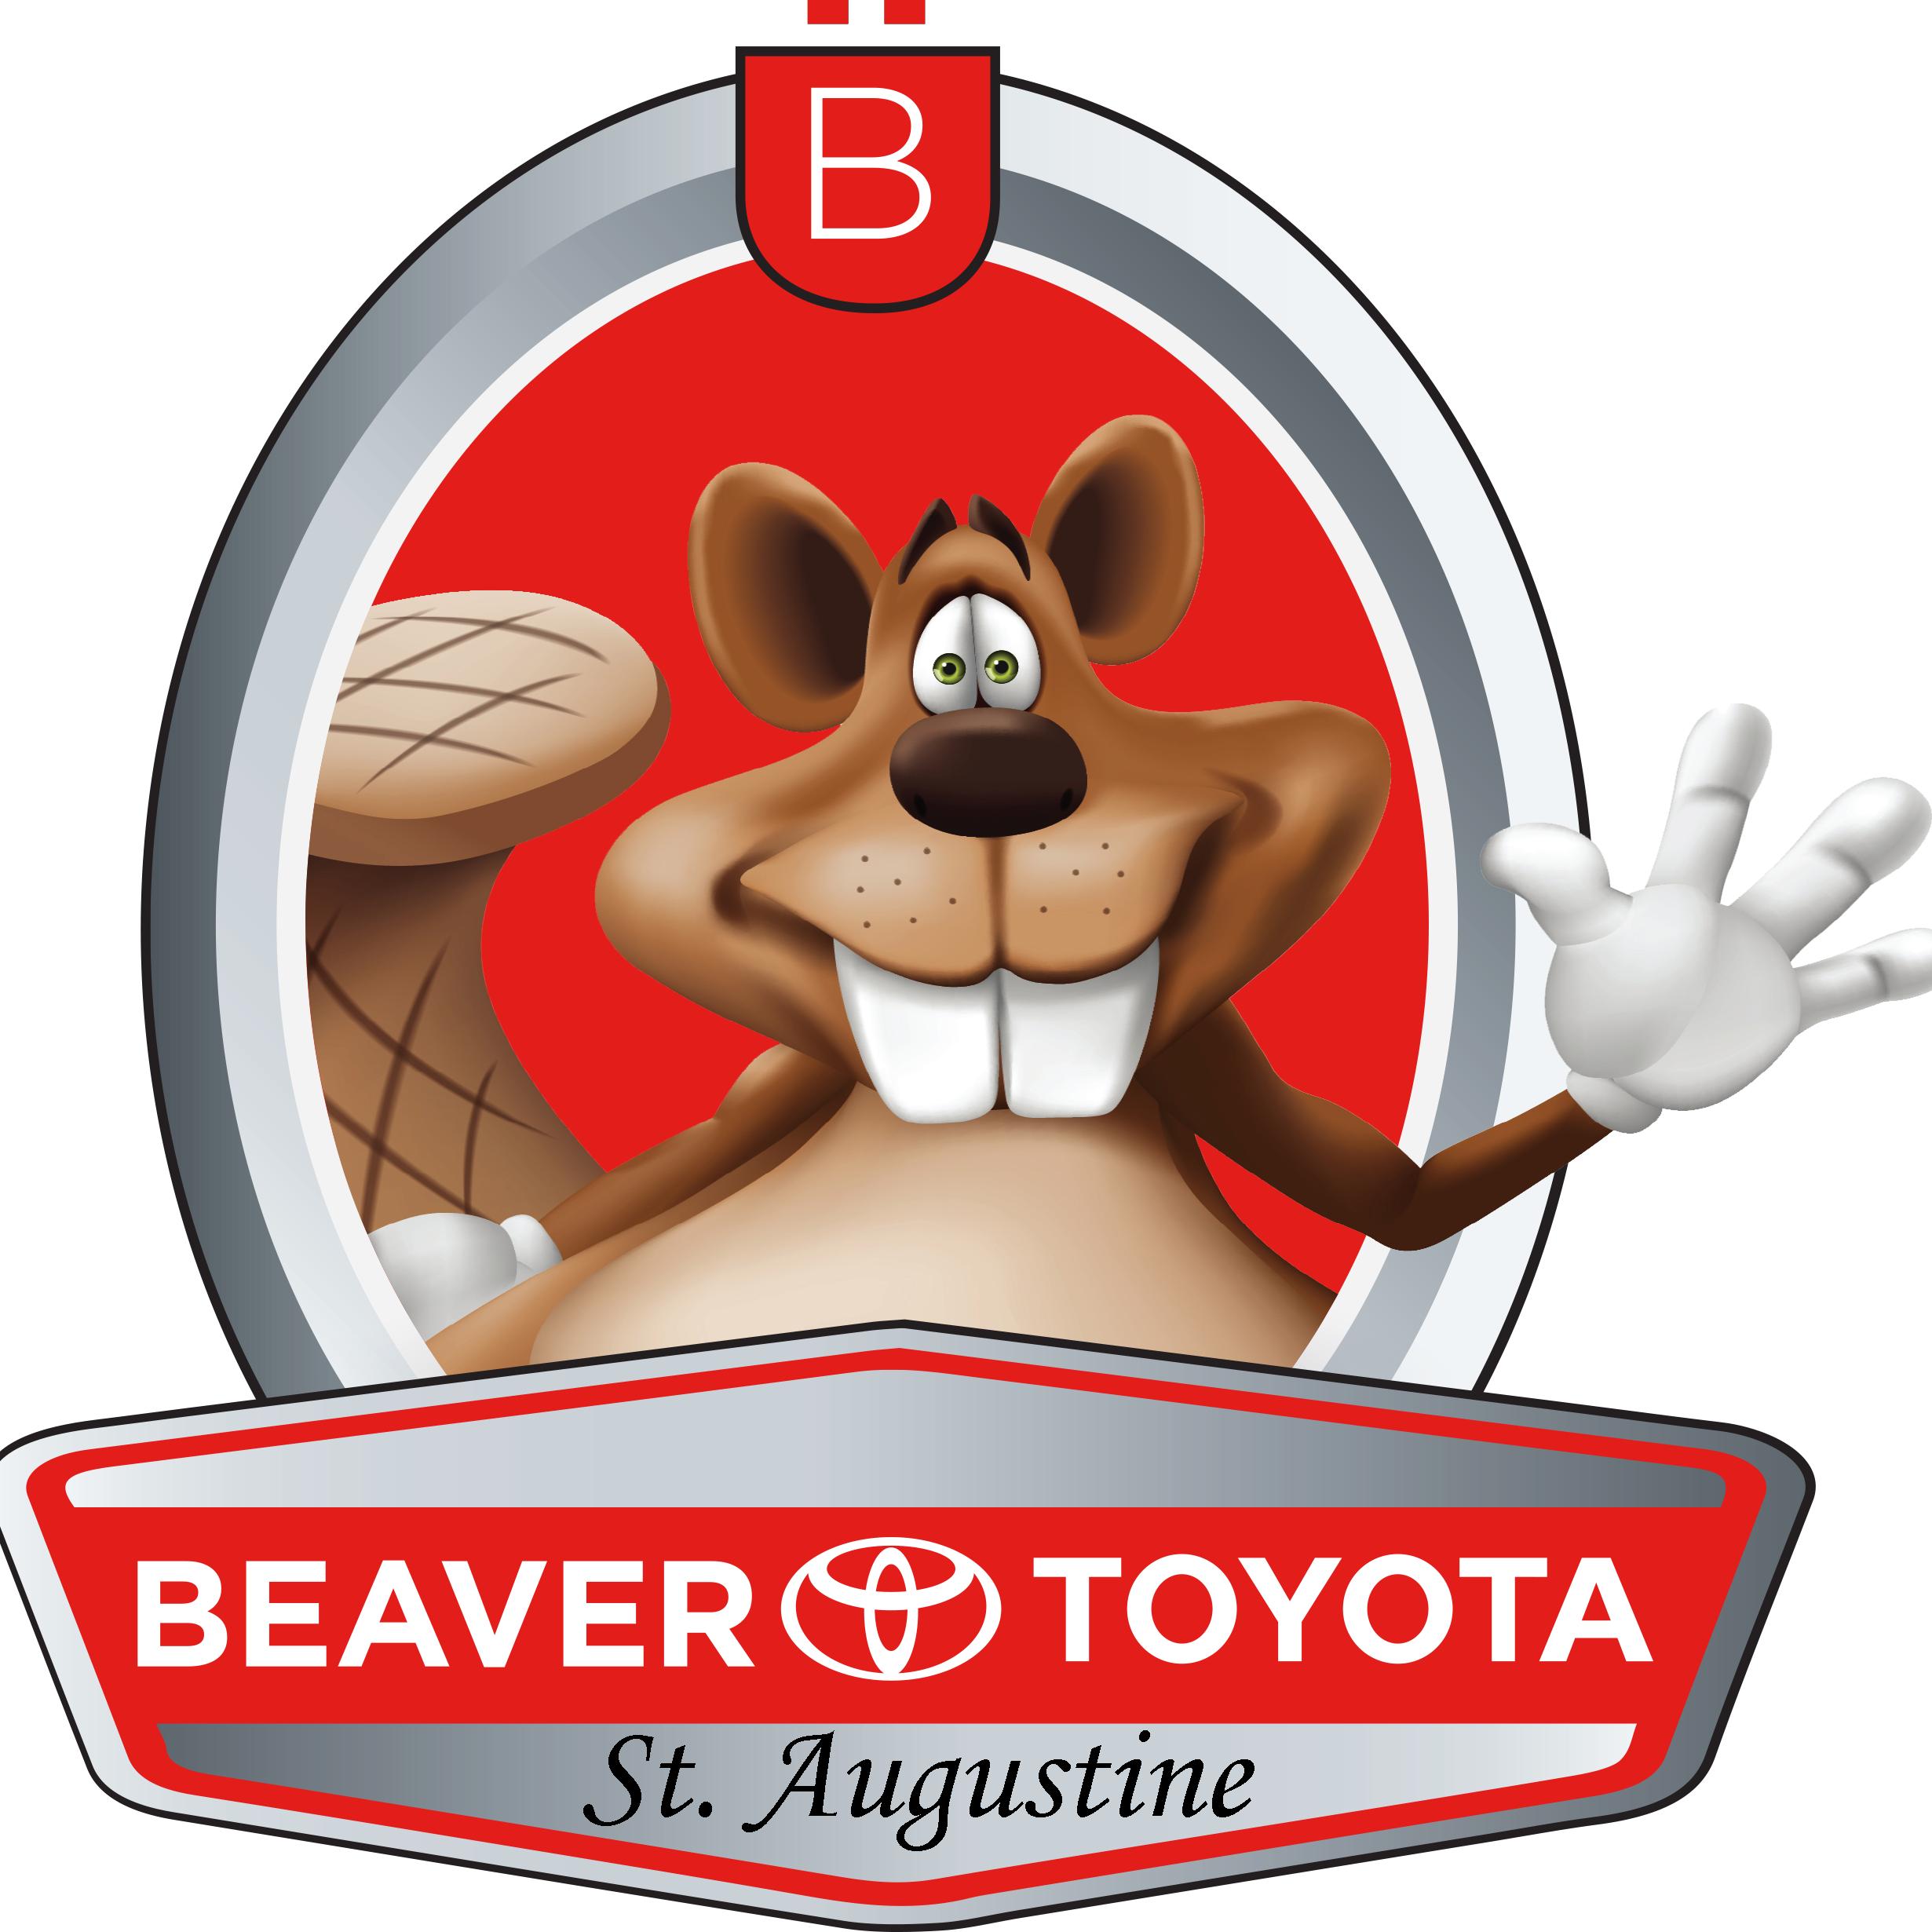 beaver toyota st augustine in st augustine fl   904 797 8